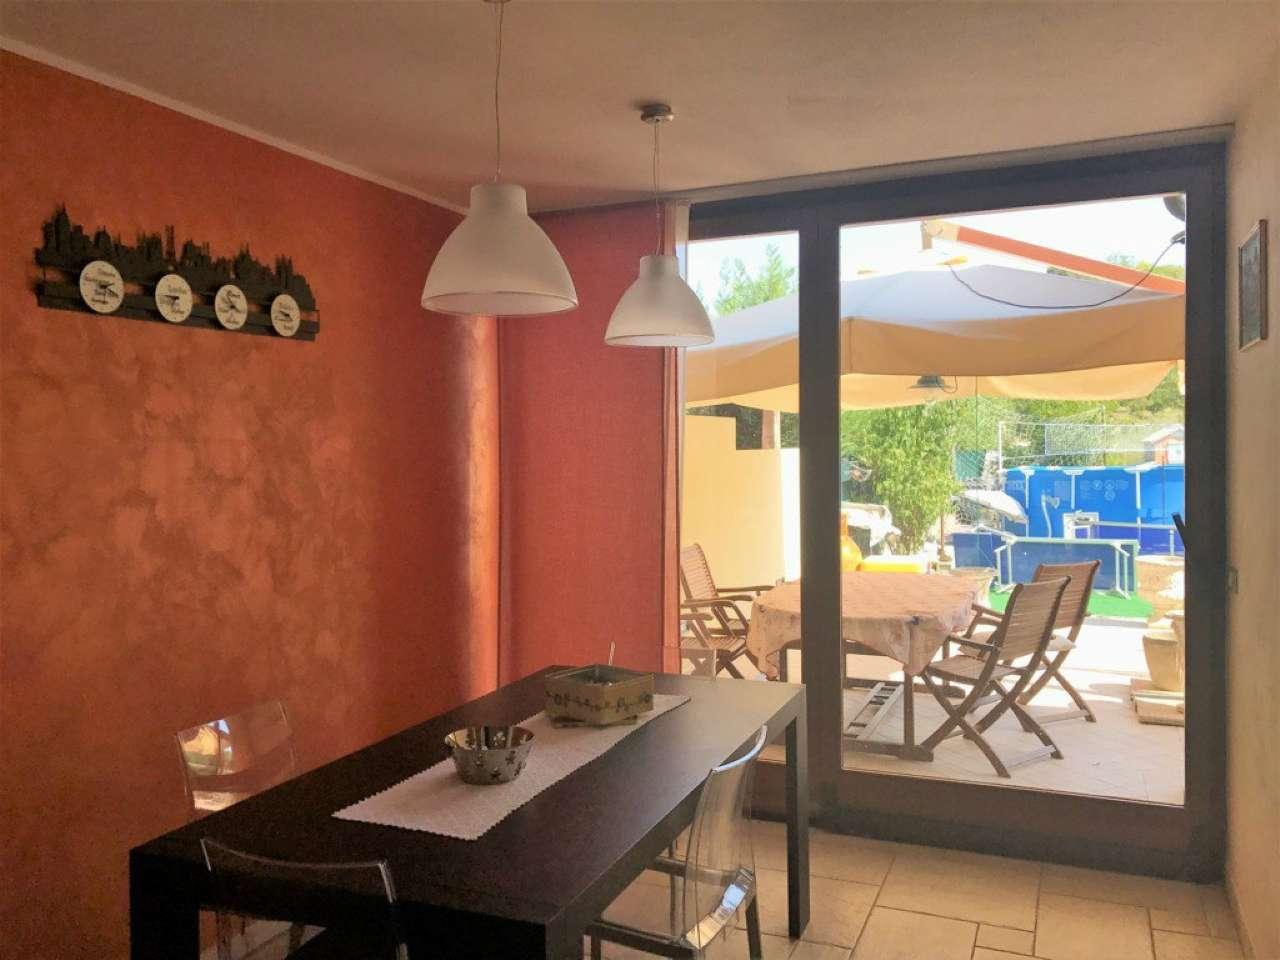 Villa in vendita a Cesena, 12 locali, Trattative riservate | CambioCasa.it